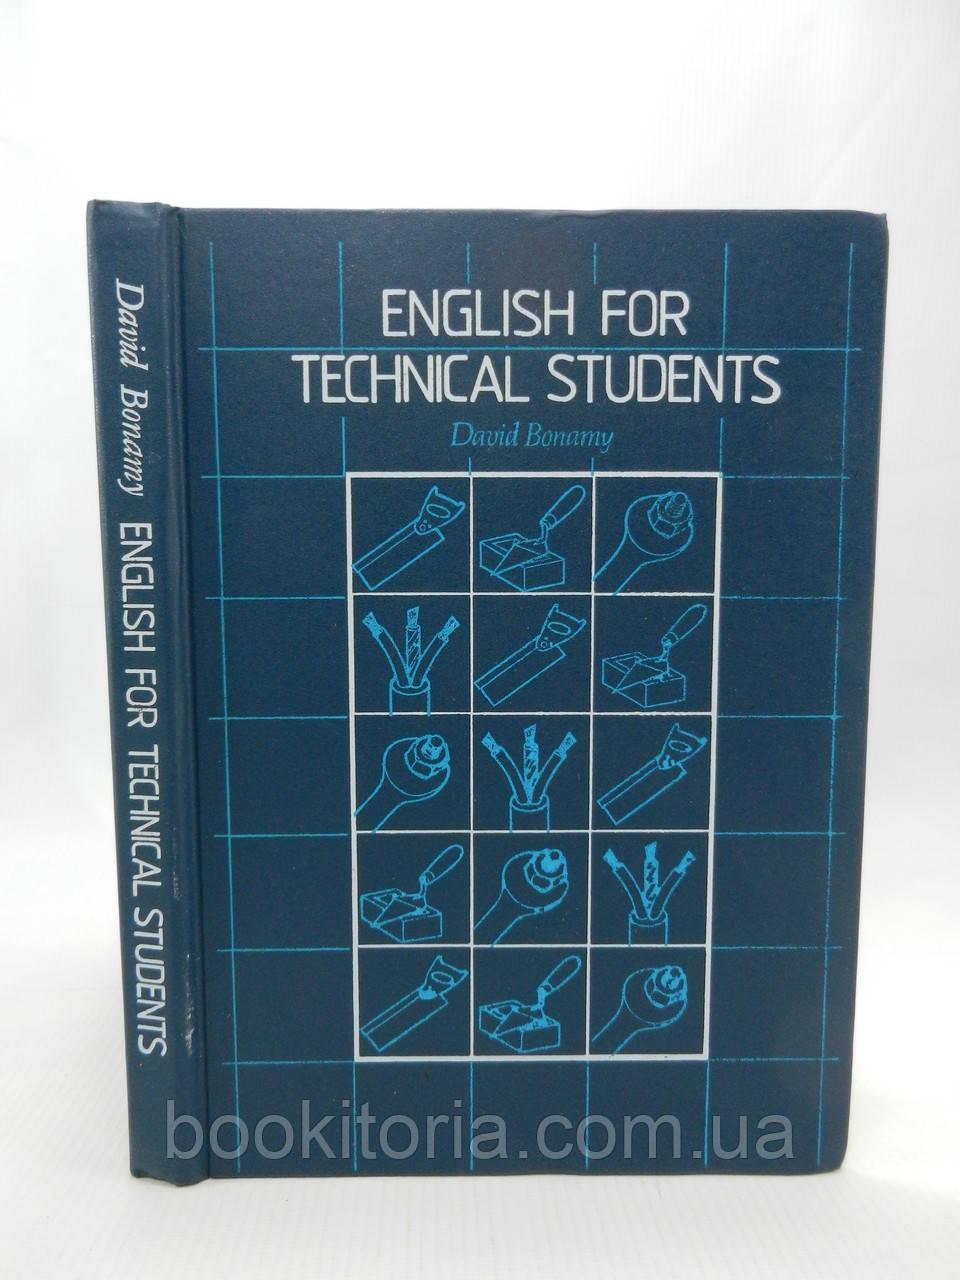 Бонами Д. Английский язык для технических училищ (б/у).